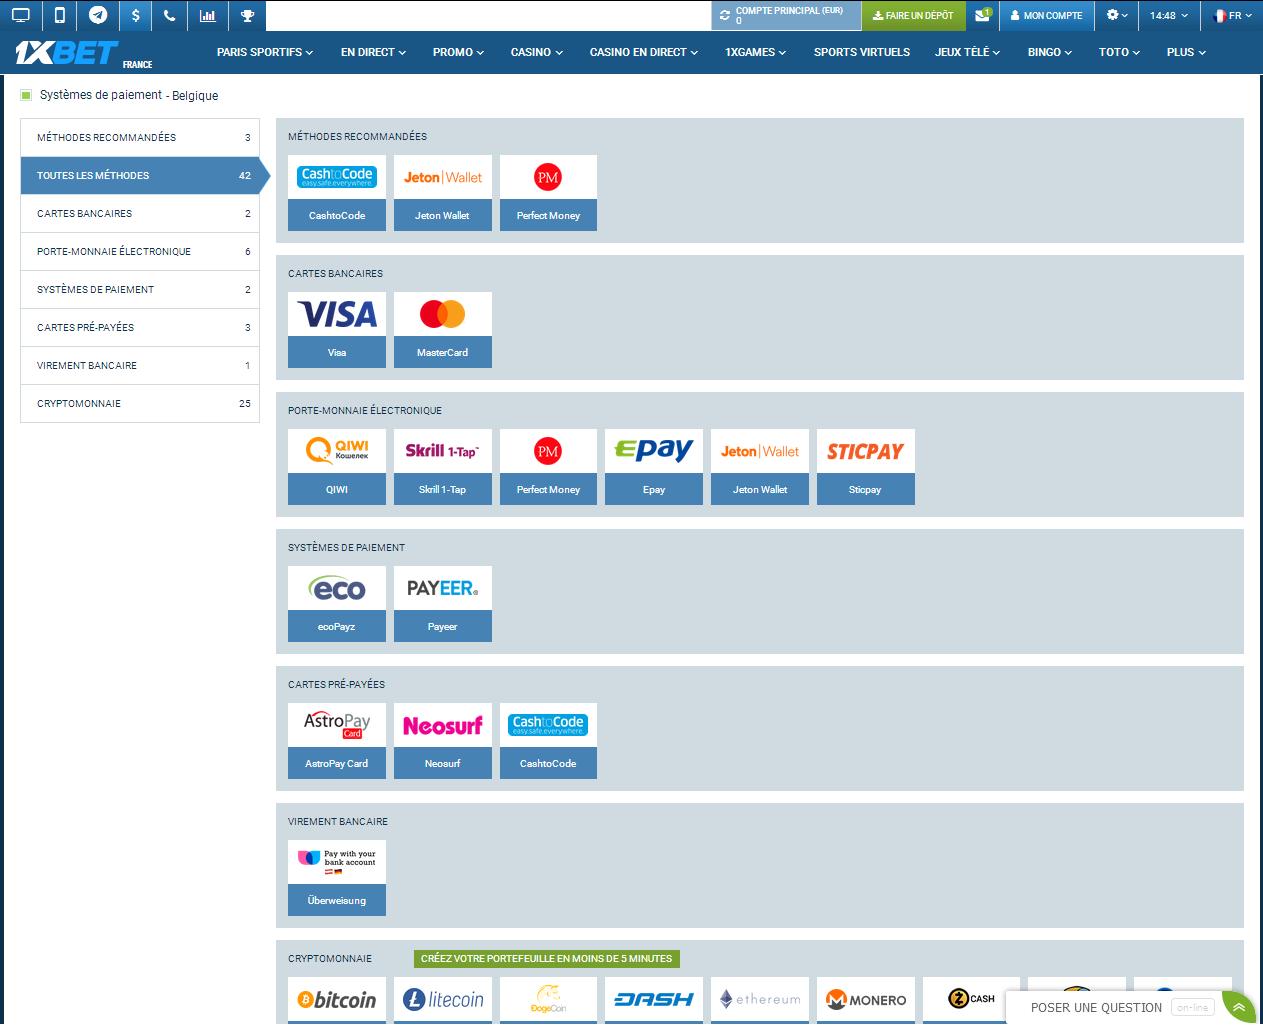 Modes de paiement pour la Belgique